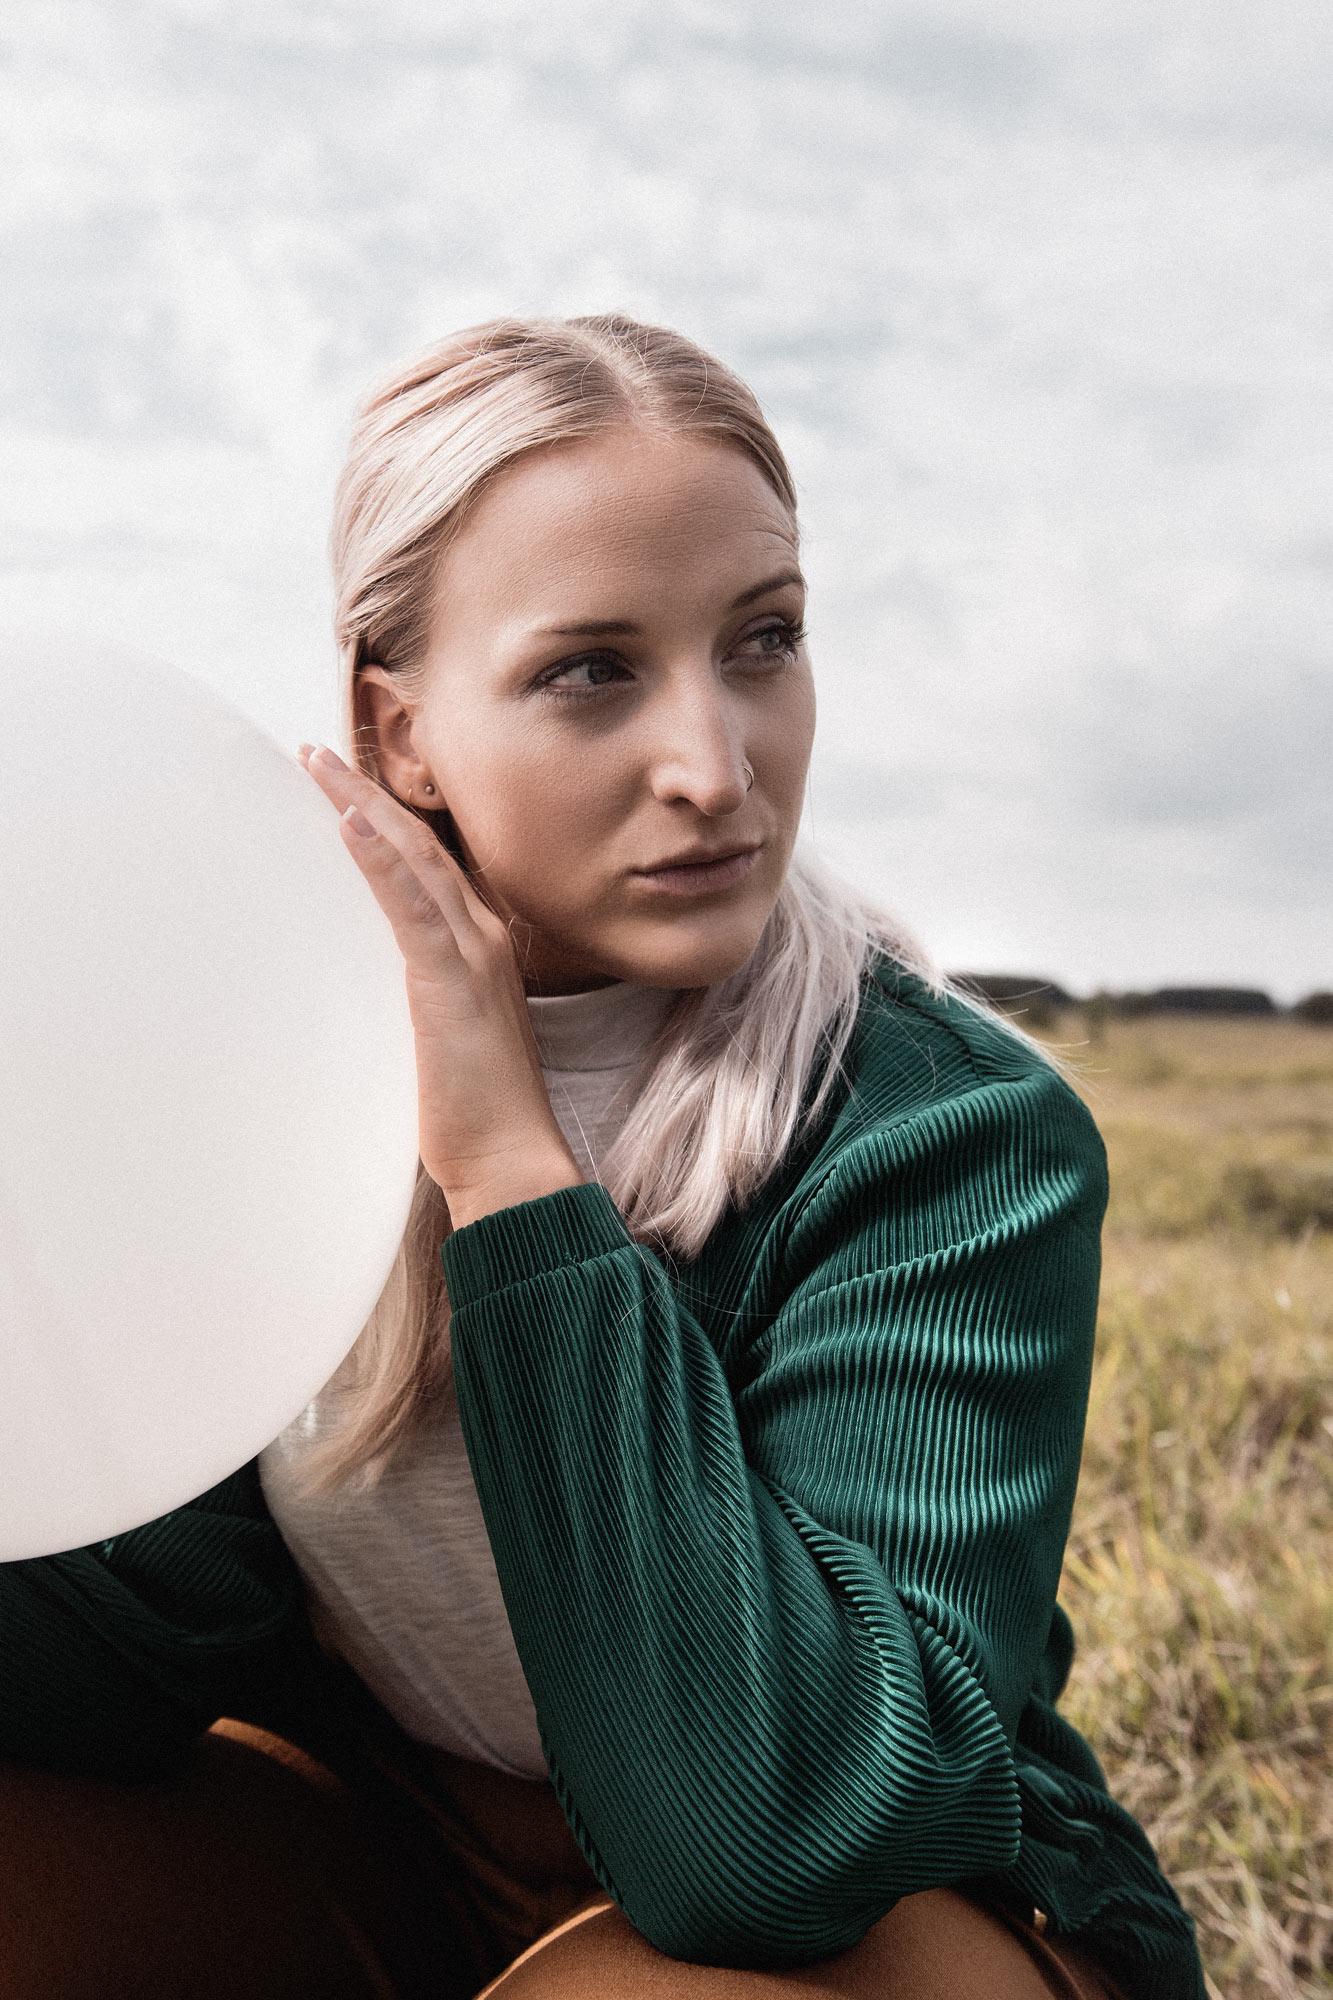 Fashionfotografie, Heide, garching, München, mode, werbung